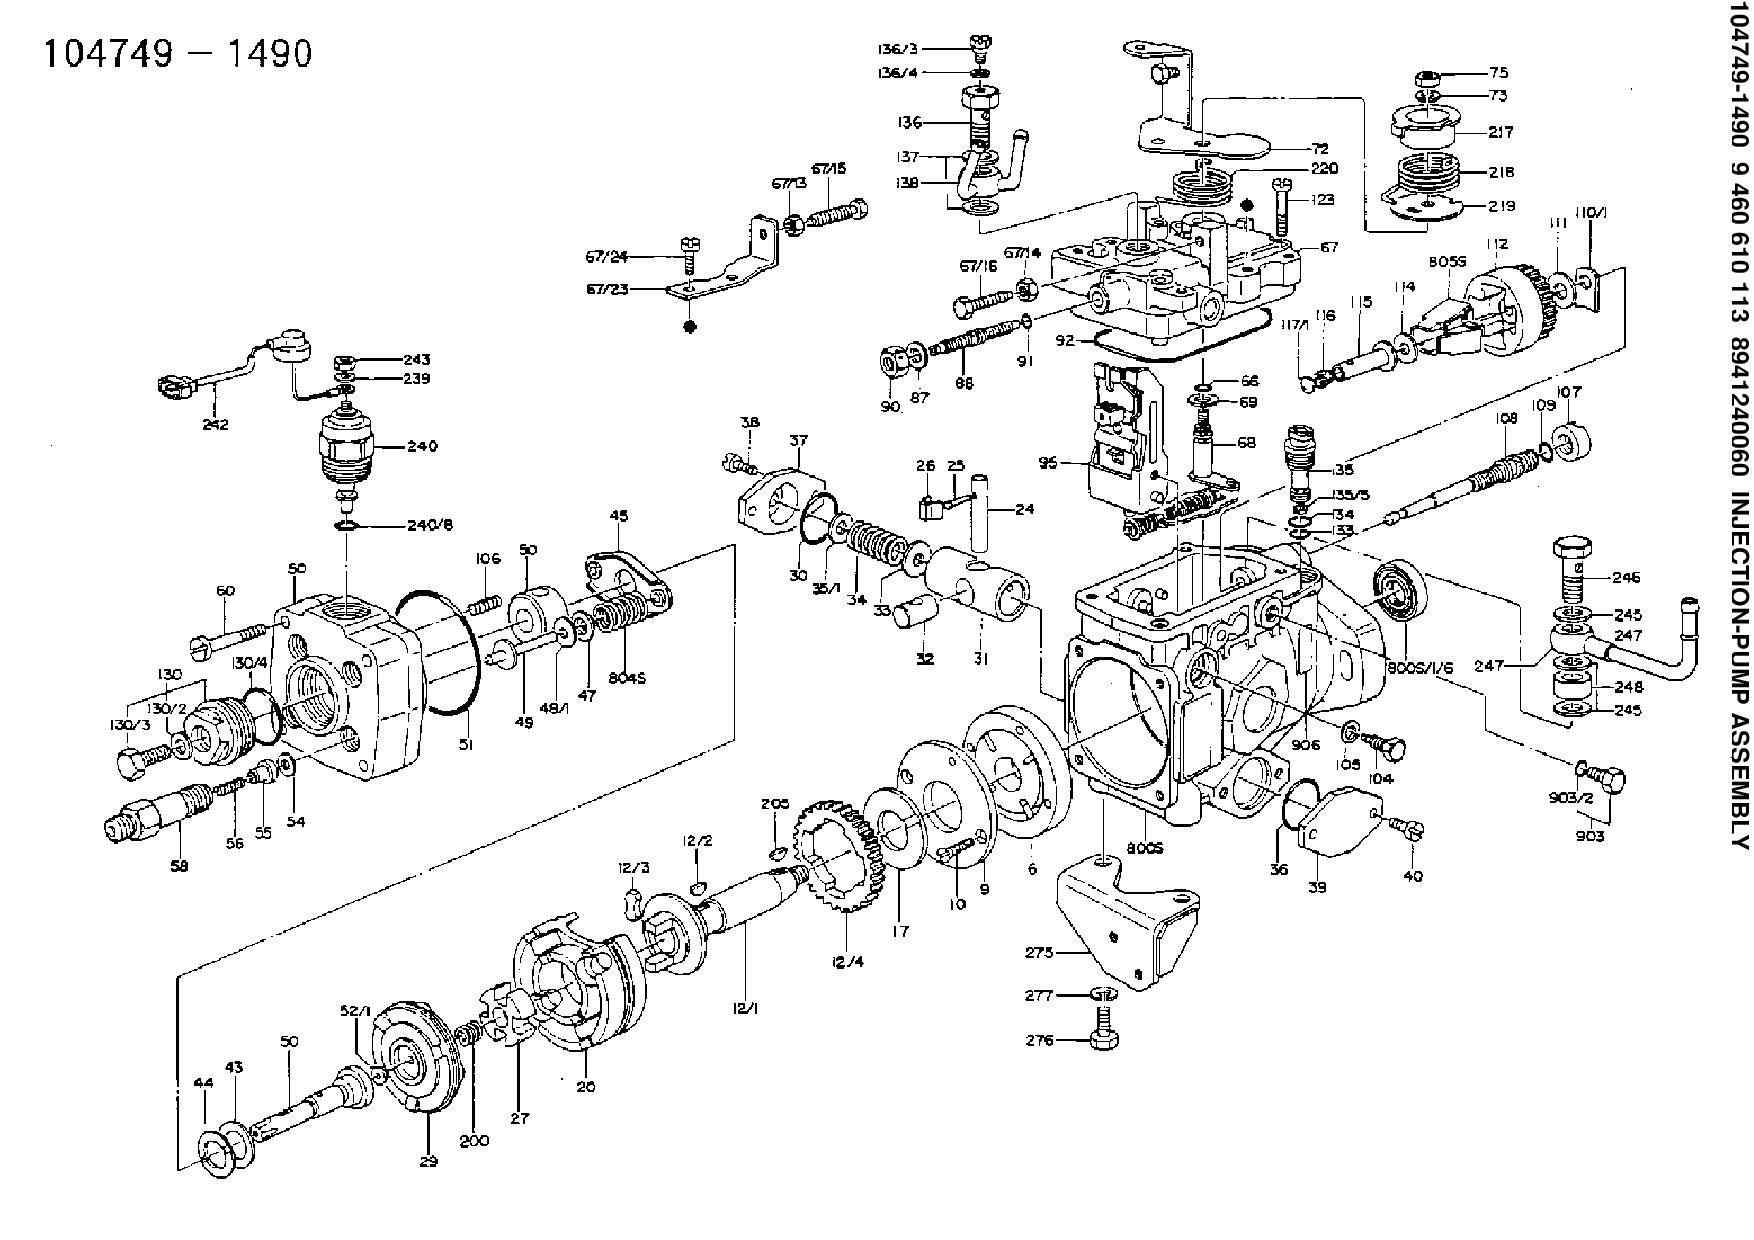 kubota b6000 wiring diagram